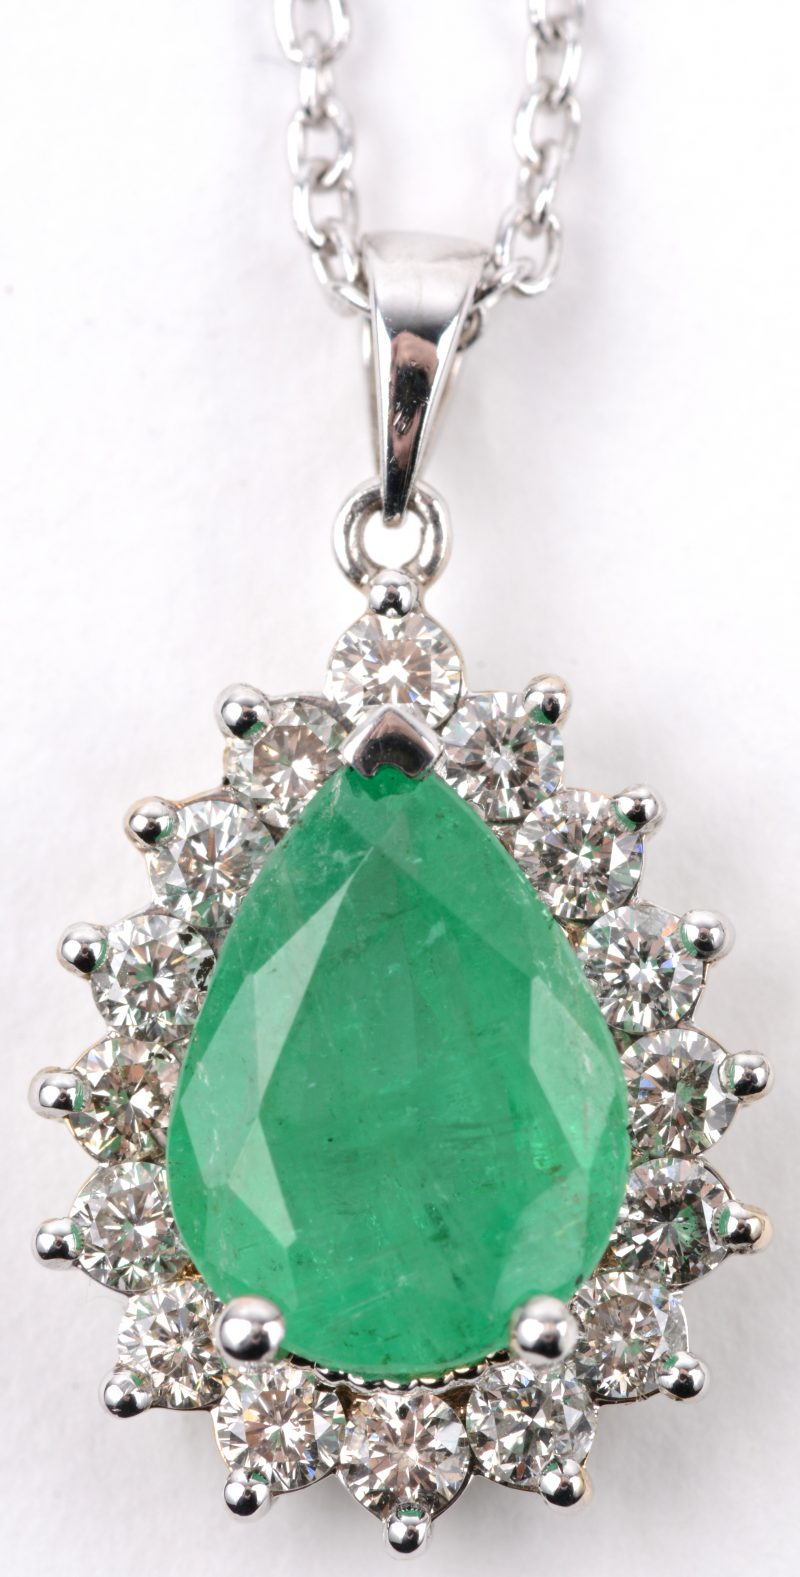 Een 18 karaats wit gouden ketting met hanger bezet met diamanten met een gezamenlijk gewicht van ± 0,80 ct. en een druppelvormige smaragd van ± 2,30 ct.